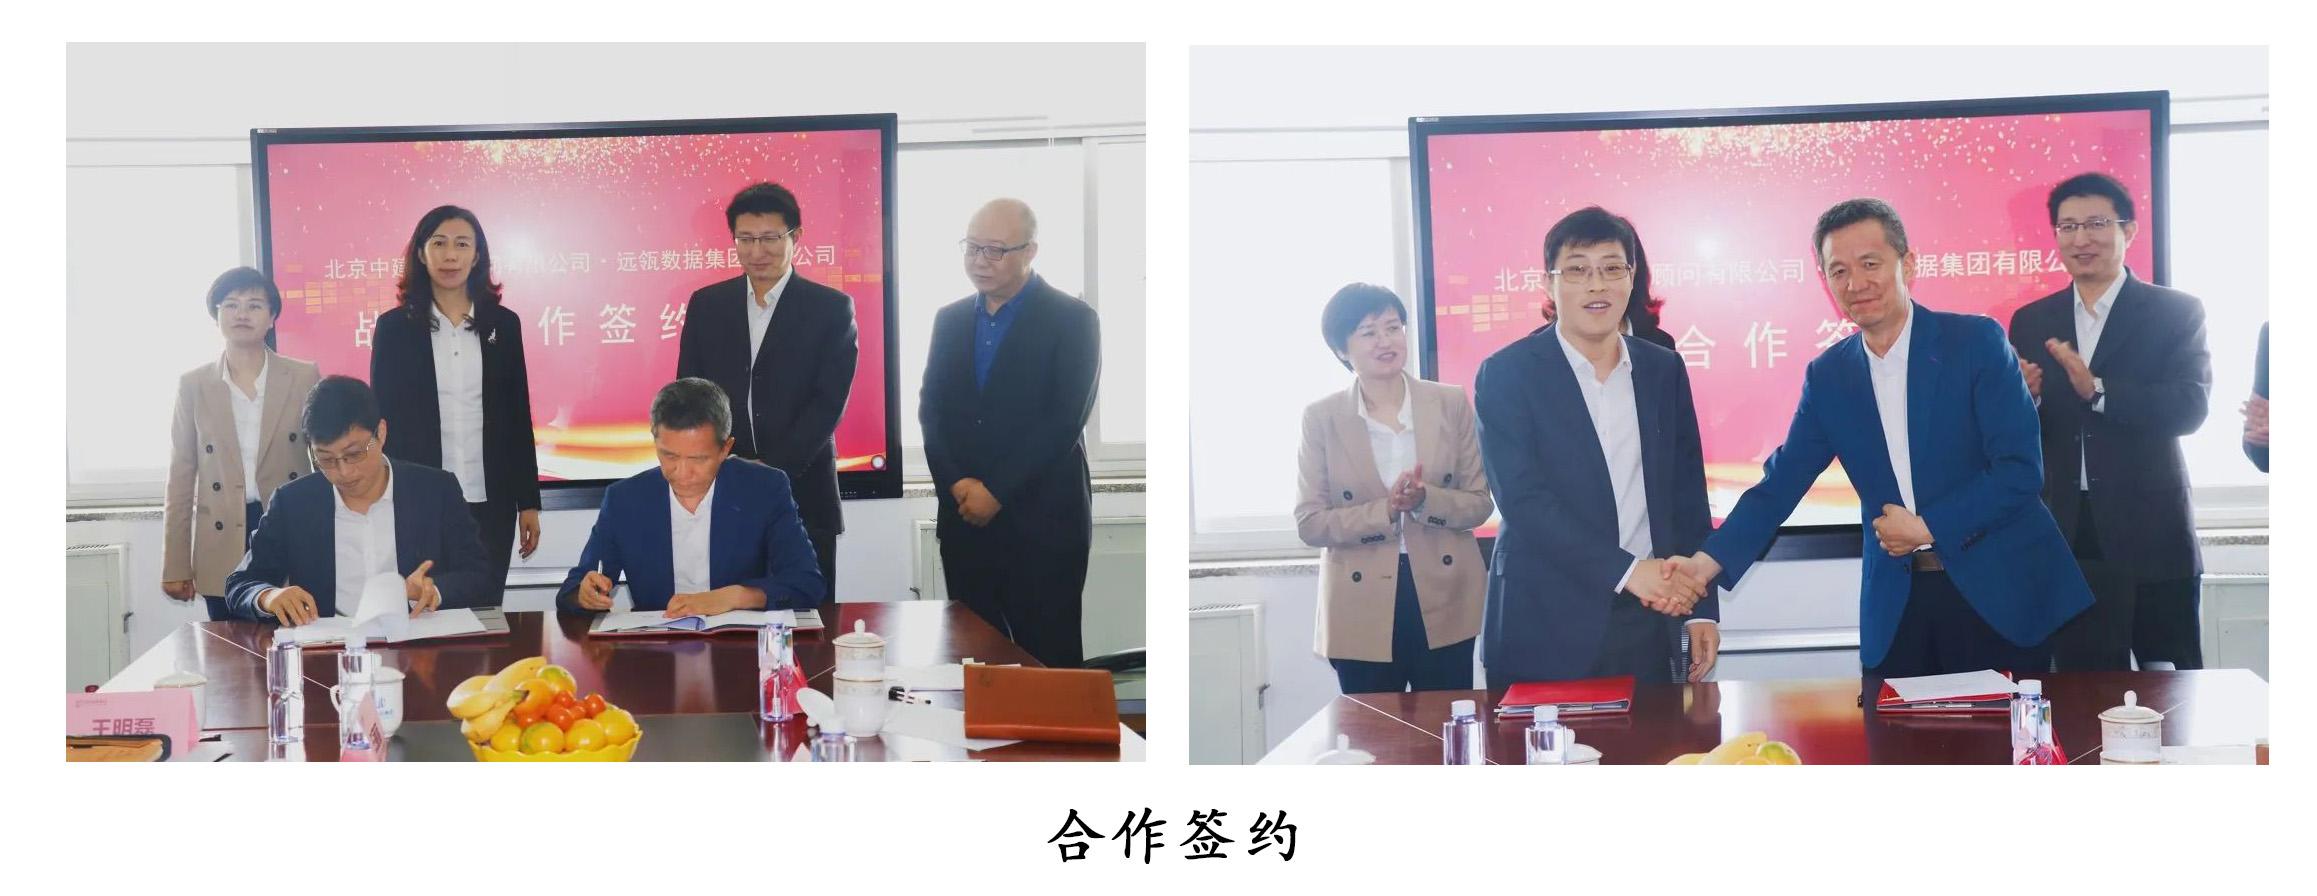 庆祝远瓴数据集团和北京中建工程有限企业达成合作(图1)